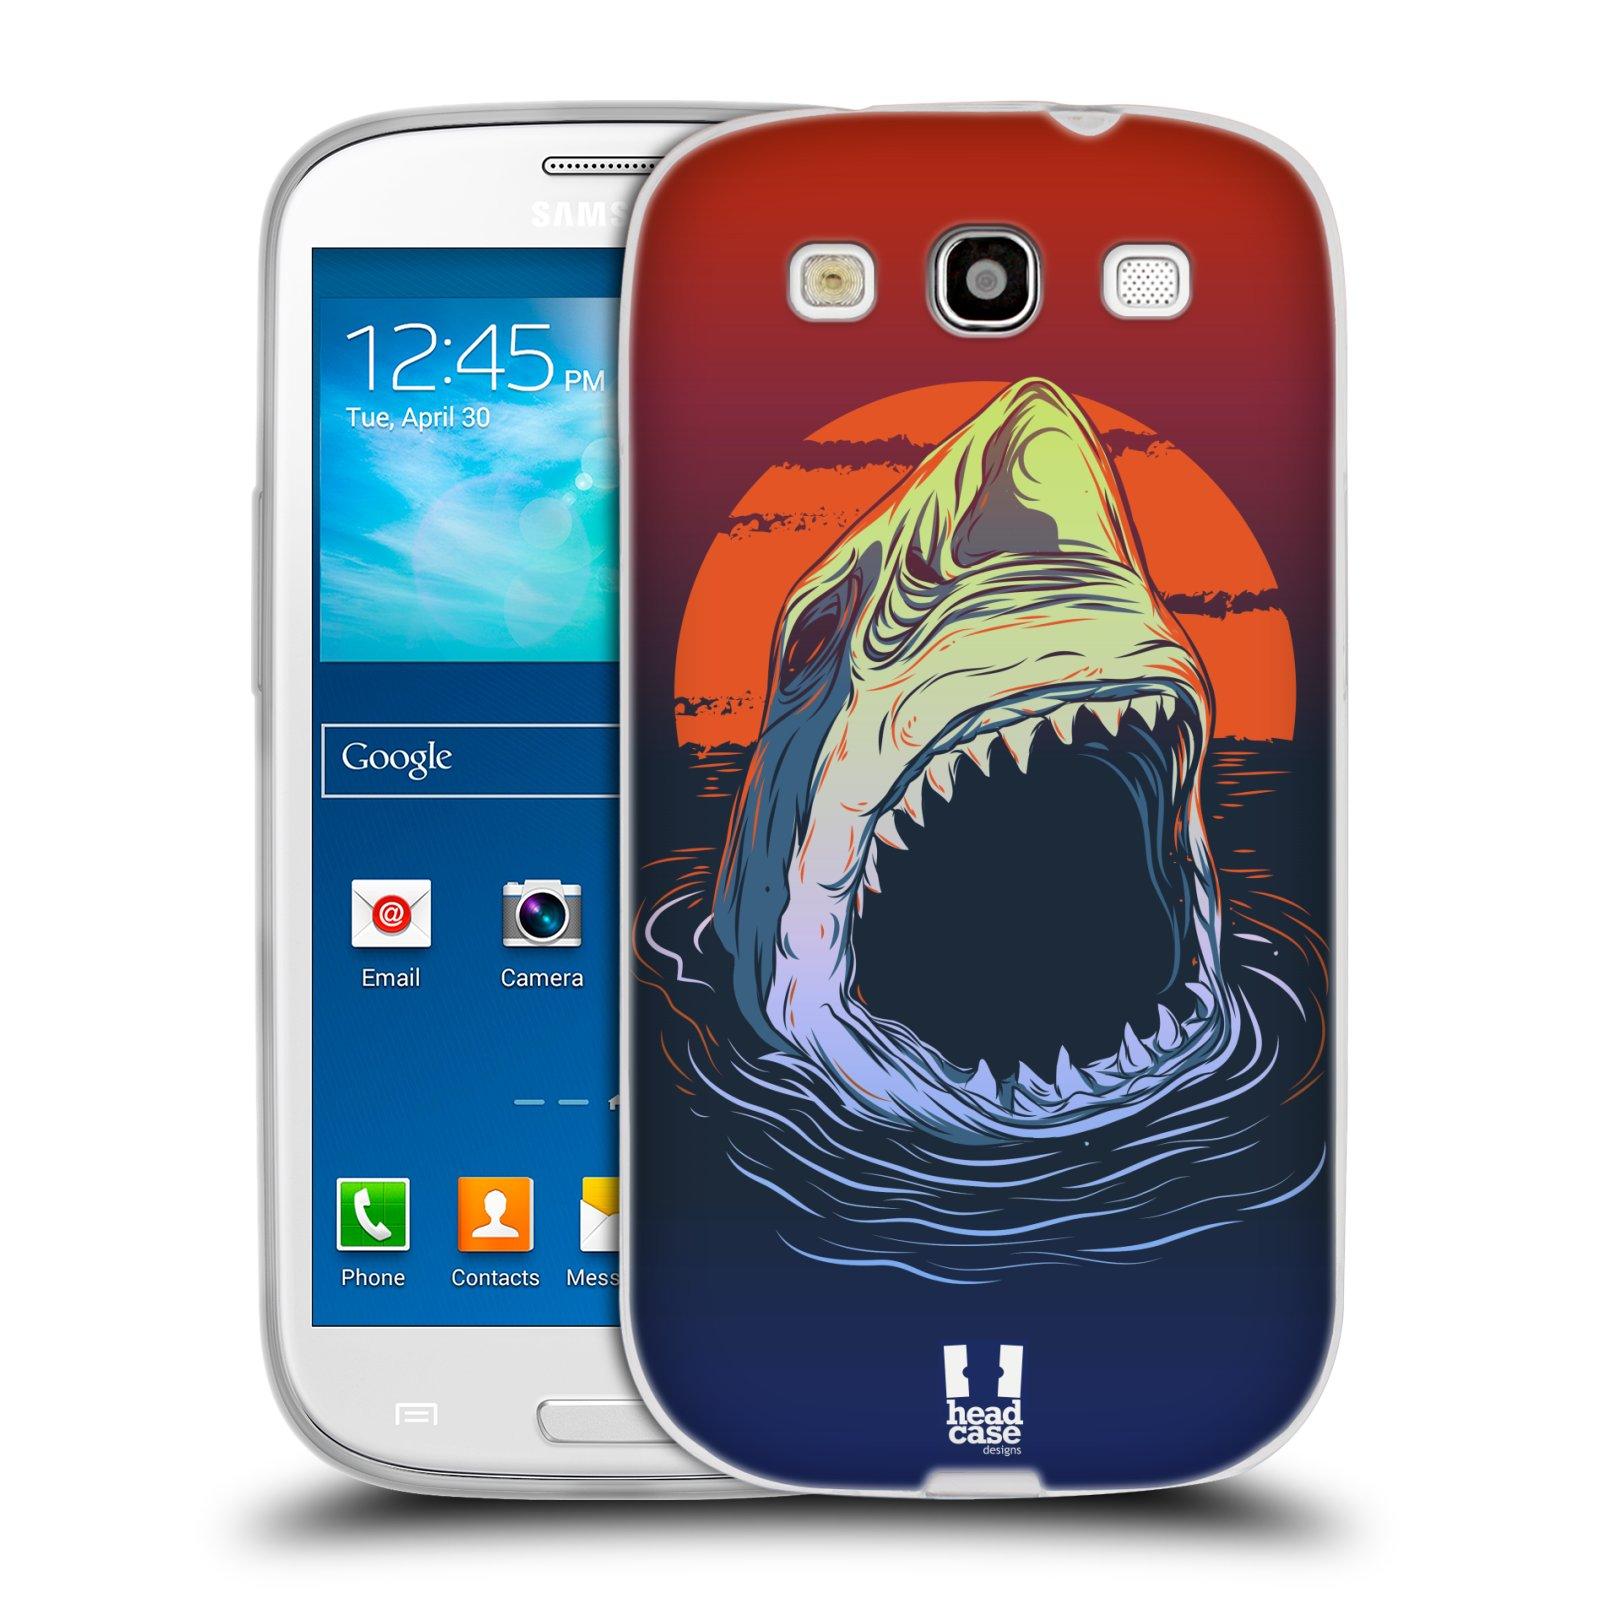 HEAD CASE silikonový obal na mobil Samsung Galaxy S3 i9300 vzor mořská monstra žralok